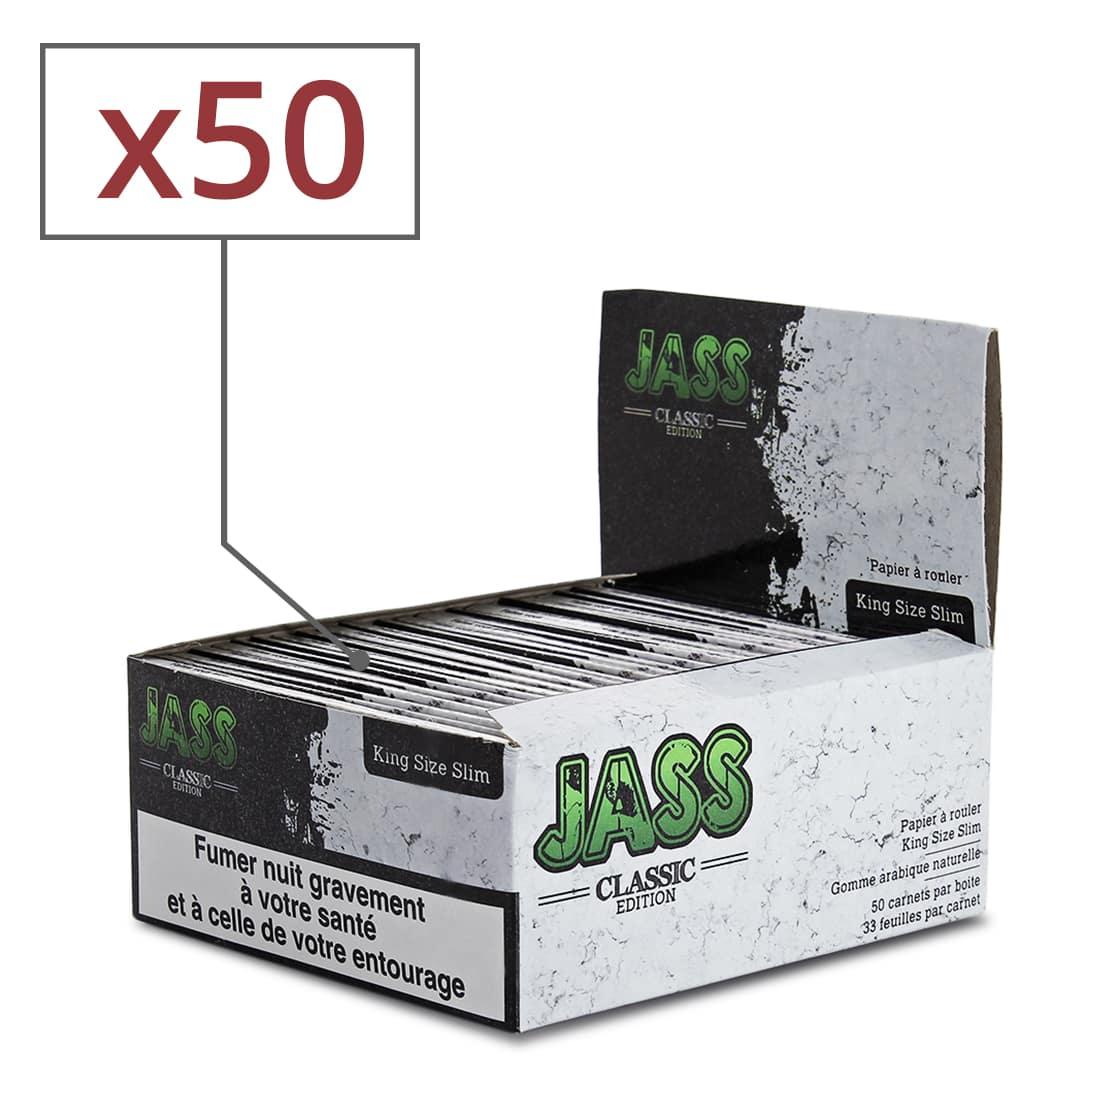 Photo de Papier à rouler Jass Slim Classic Edition x 50